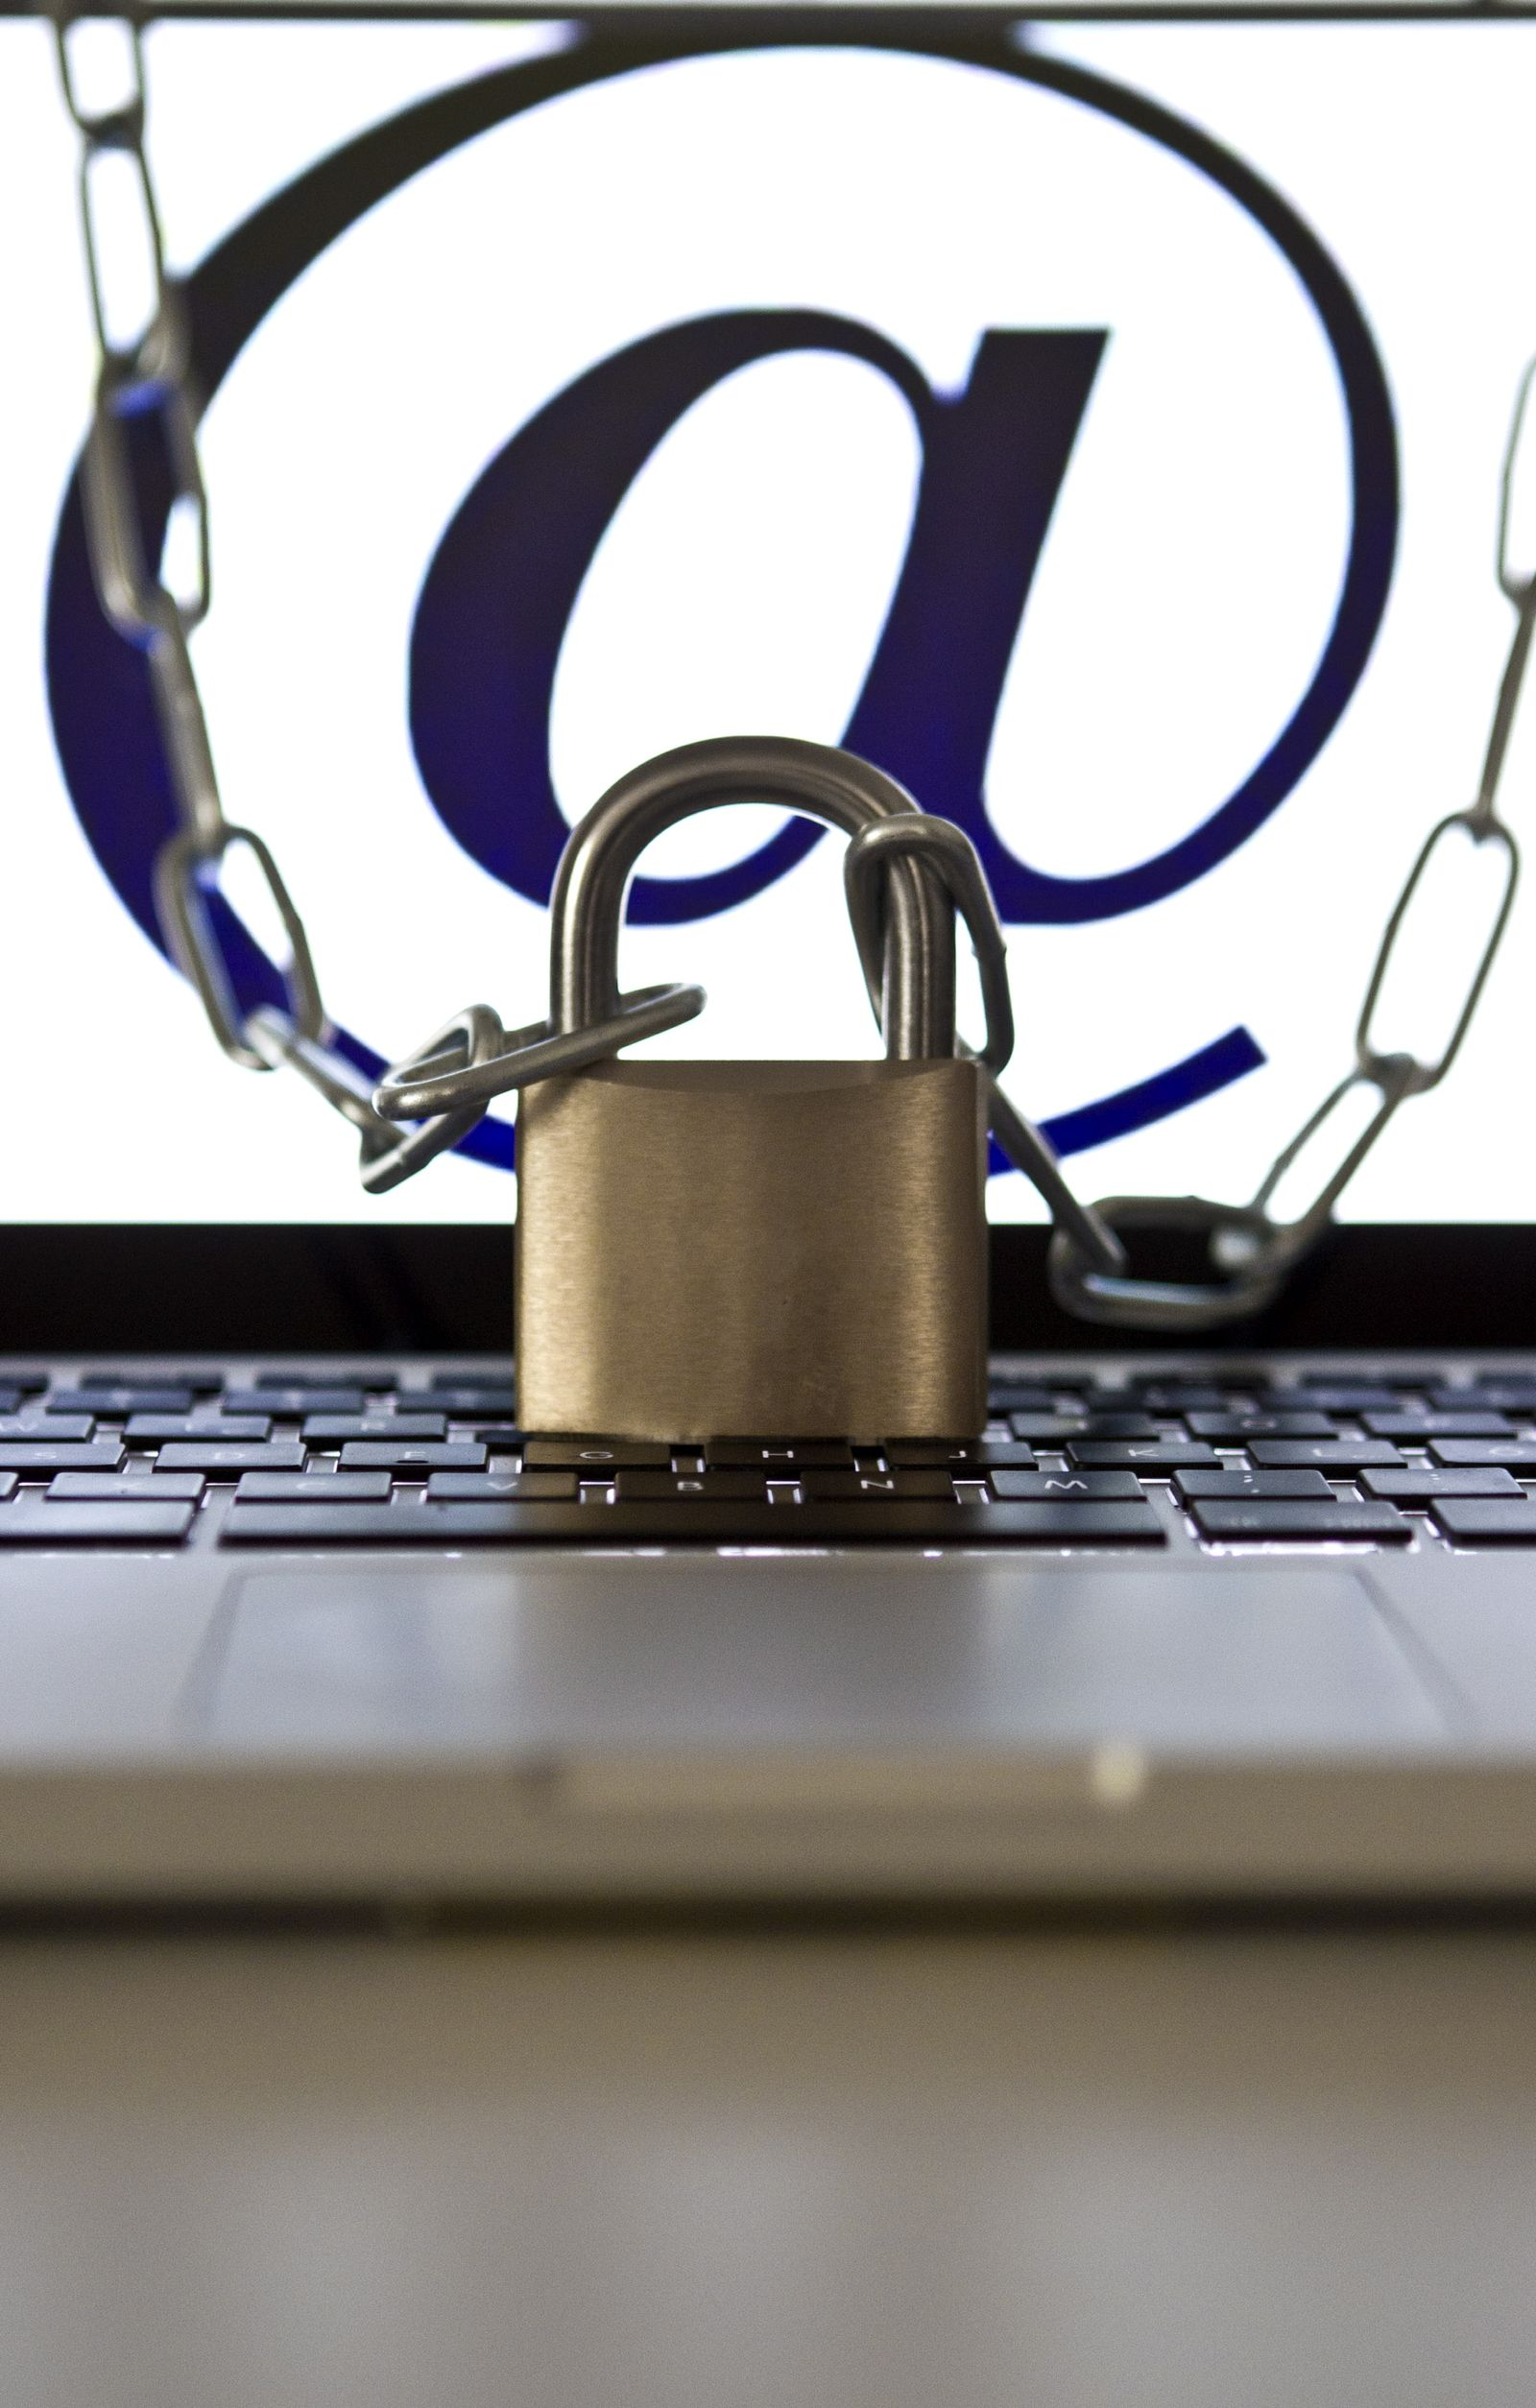 NICHT VERWENDEN Symbolbild Hacker Viren Trojaner Cyber